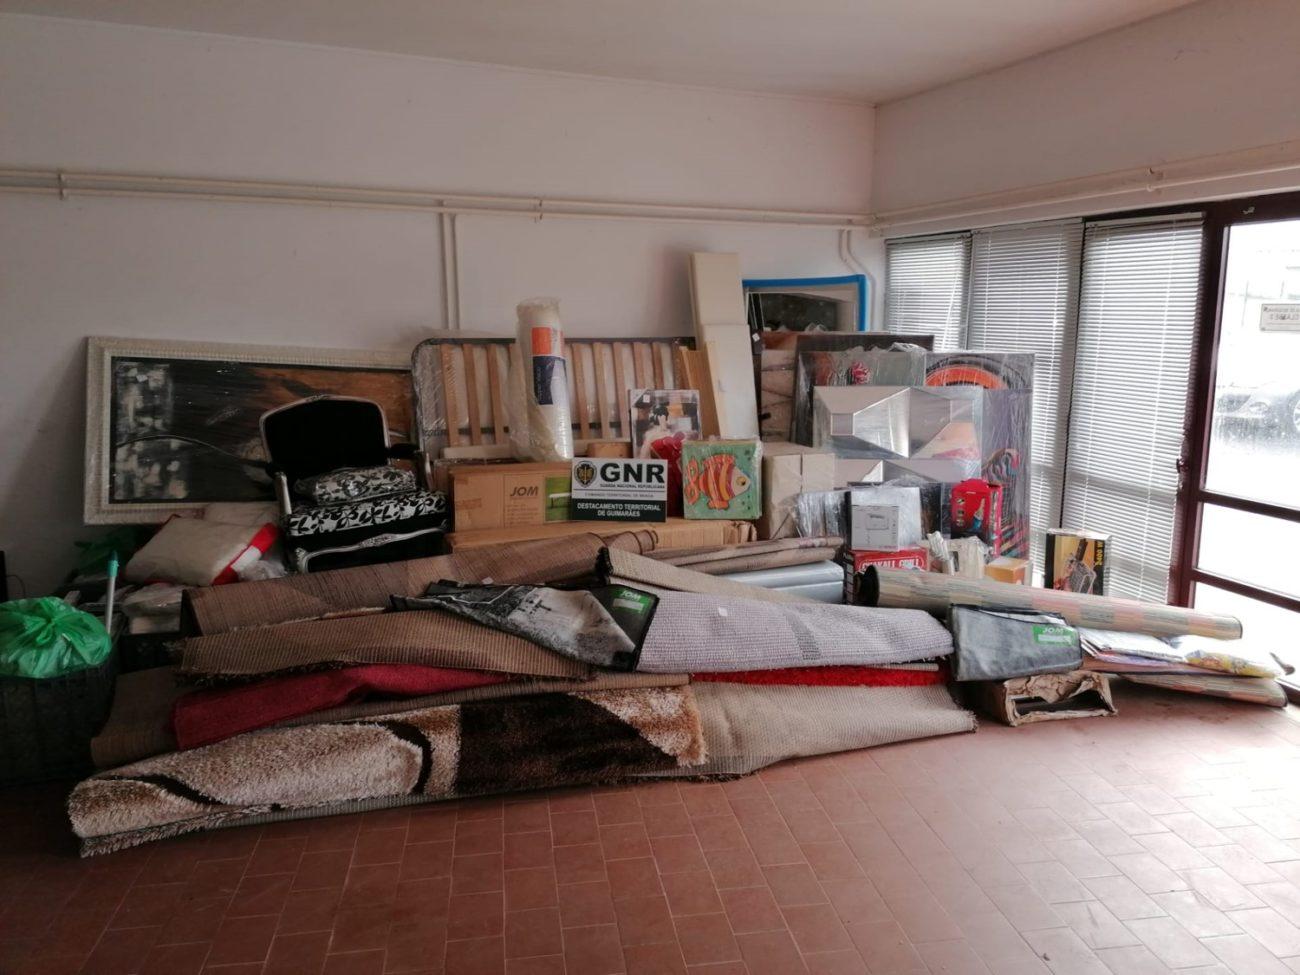 REGIÃO - Recuperado material furtado no valor de 15 mil euros em Guimarães